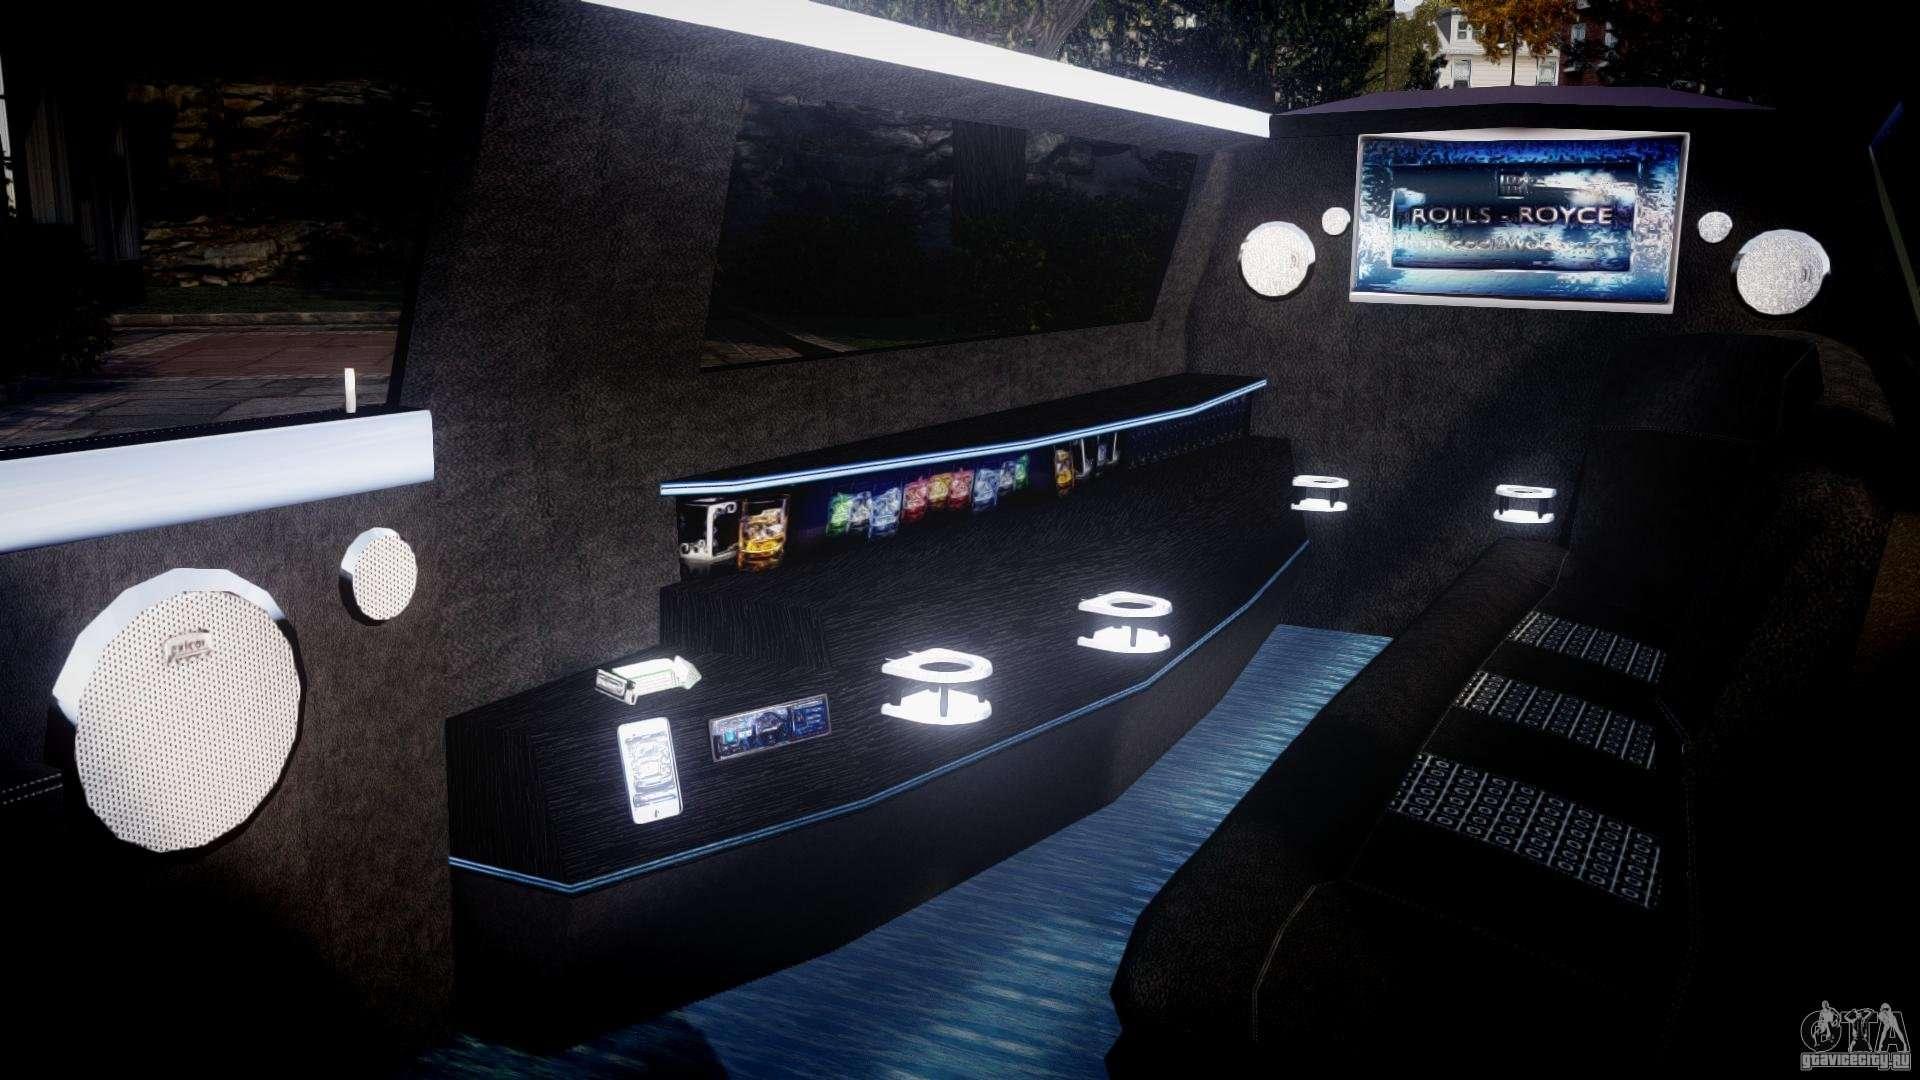 Rolls royce phantom sapphire limousine disco pour gta 4 for Inside l interieur